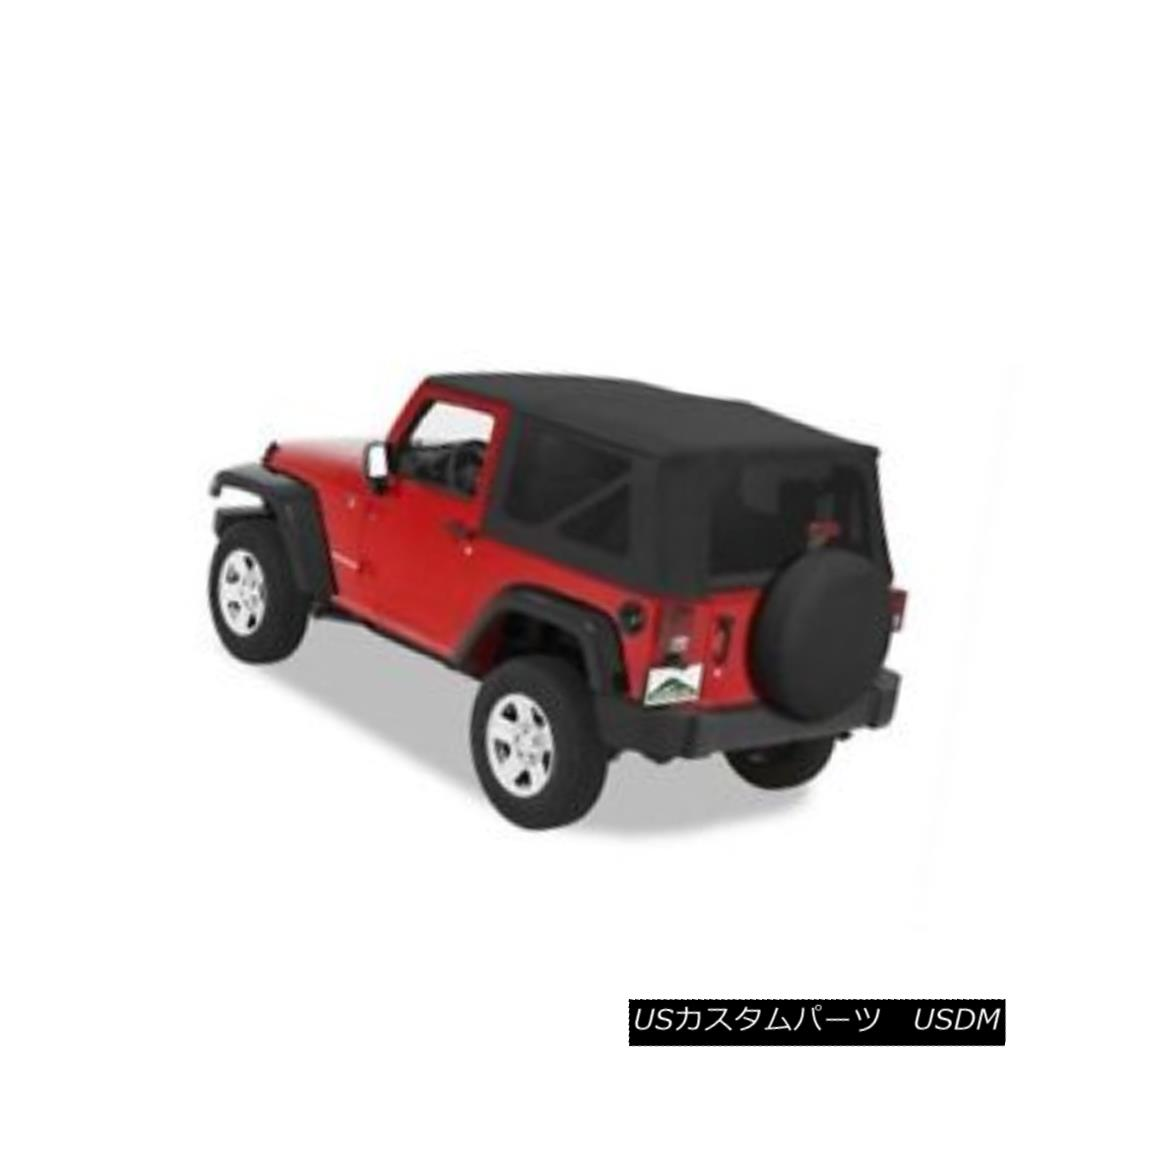 幌・ソフトトップ Pavement Ends 51202-35 Replay Soft Top Black Diamond 2007-2009 Jeep Wrangler 舗装終了51202-35リプレイソフトトップブラックダイヤモンド2007-2009ジープラングラー